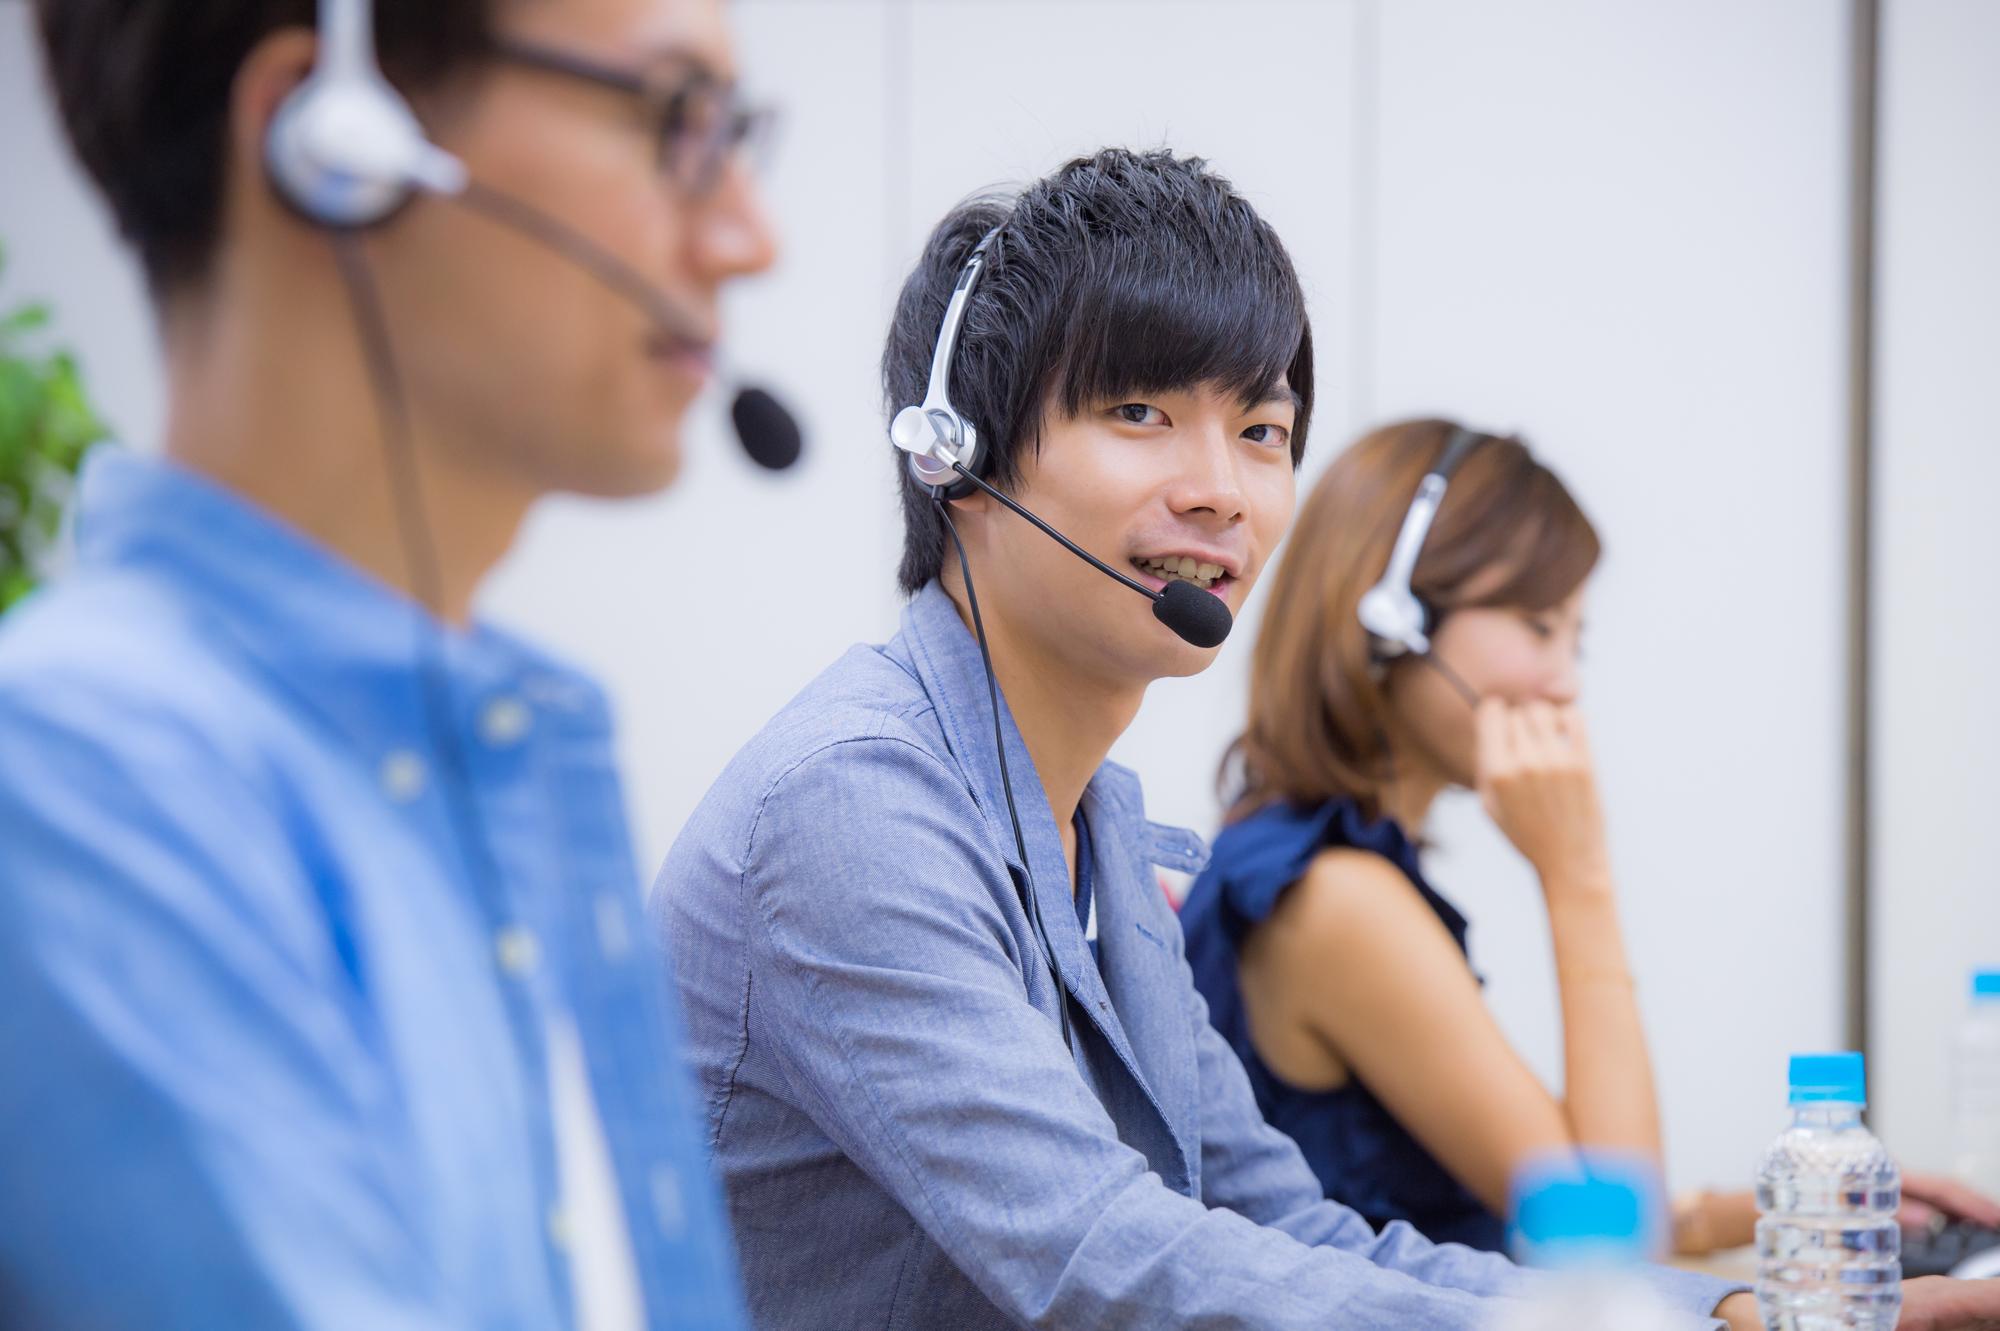 通信教育教材に関する問合せなどの電話応対業務